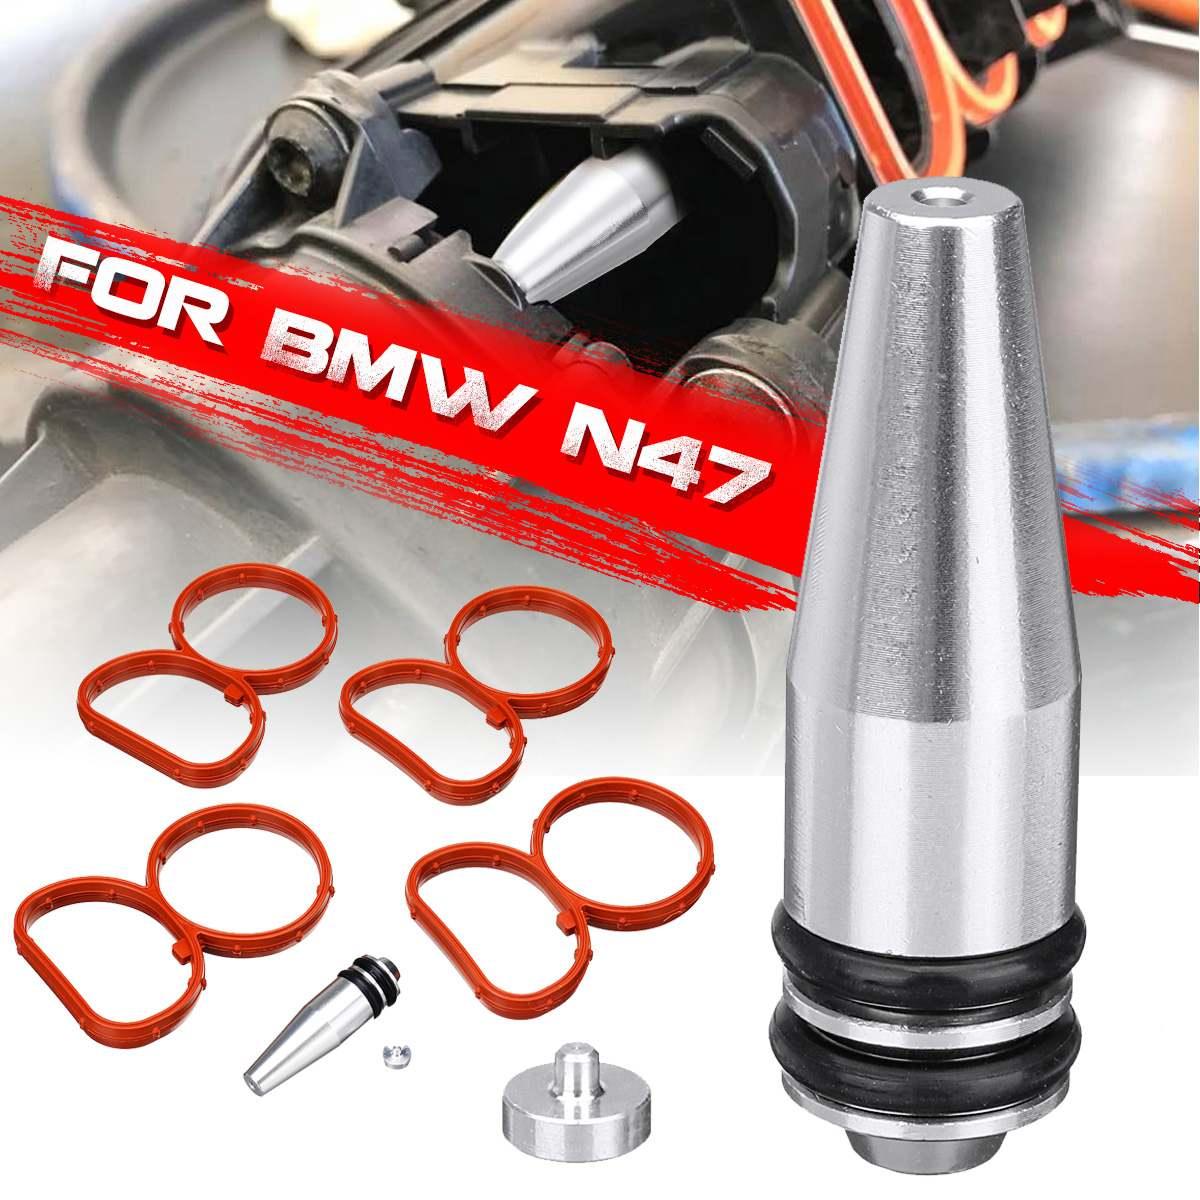 Remplacement de retrait de vide de prise daileron de tourbillon avec des joints pour BMW N47 2.0 DRemplacement de retrait de vide de prise daileron de tourbillon avec des joints pour BMW N47 2.0 D